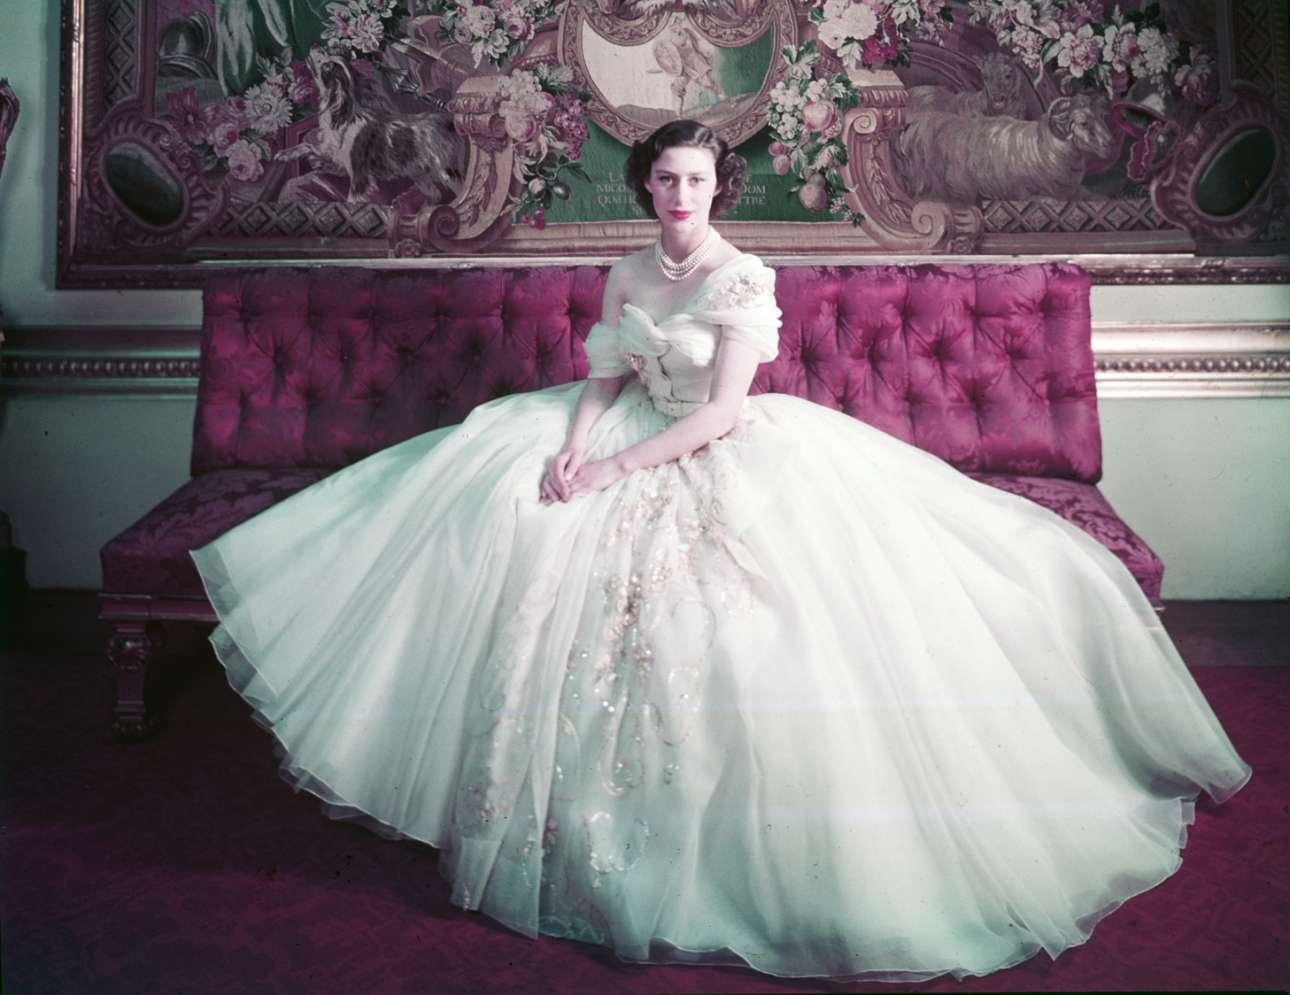 Η πριγκίπισσα Μαργαρίτα ποζάρει στον φακό του θρυλικού φωτογράφου Σέσιλ Μπίτον για το βασιλικό της πορτρέτο την ημέρα των 21ων γενεθλίων της, φορώντας μία εντυπωσιακή τουαλέτα του Κριστιάν Ντιόρ